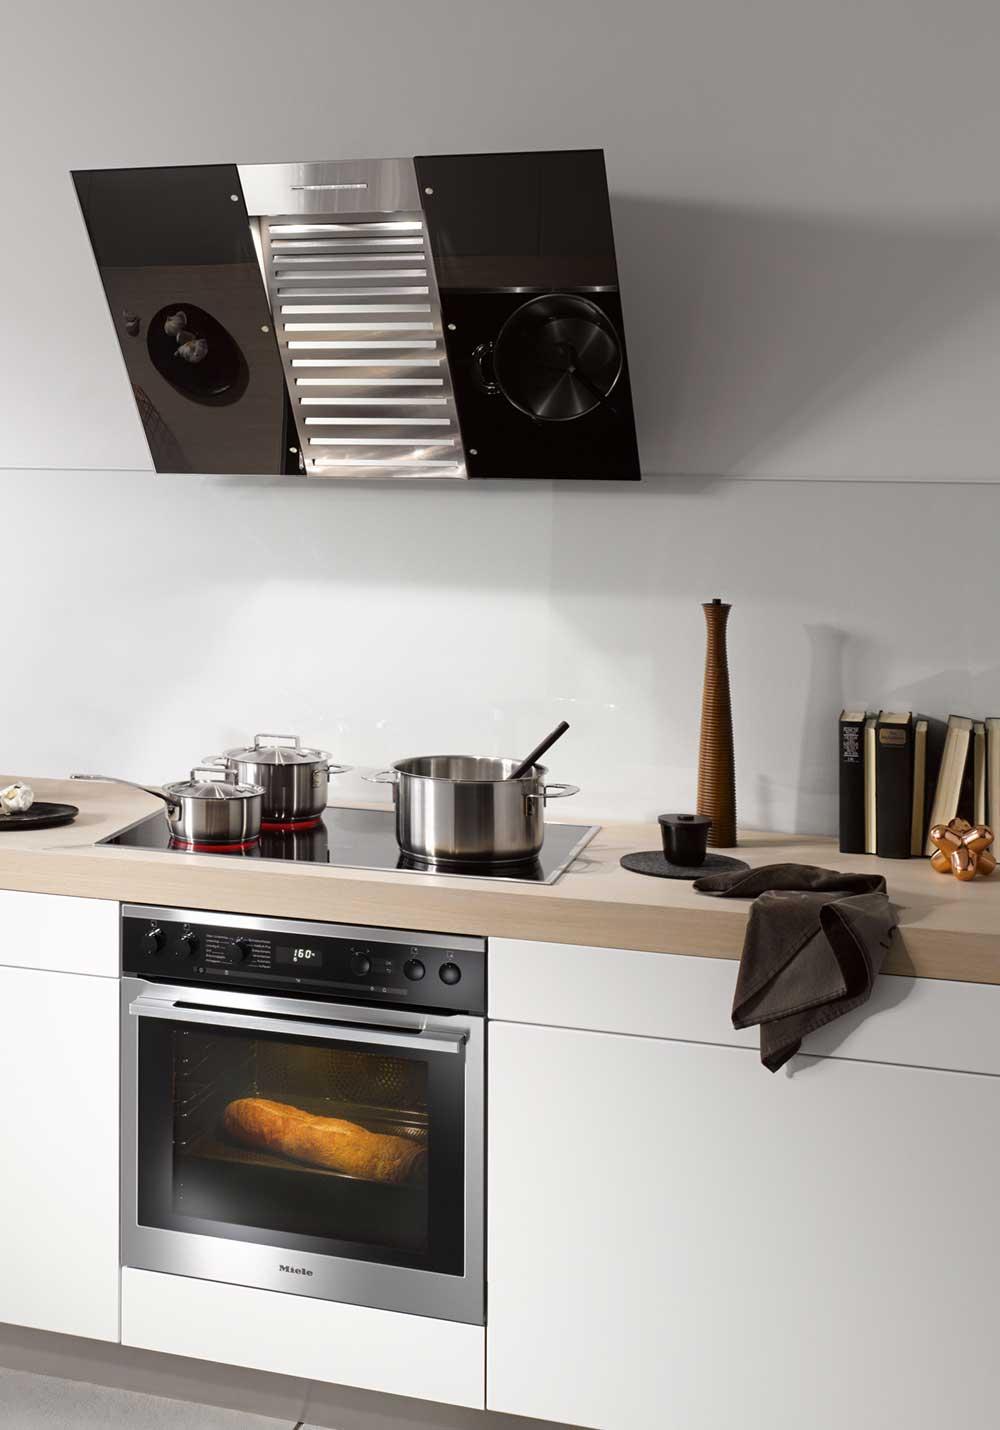 Koken, bakken en braden in de nieuwe CulinArt Gourmet oven van Miele